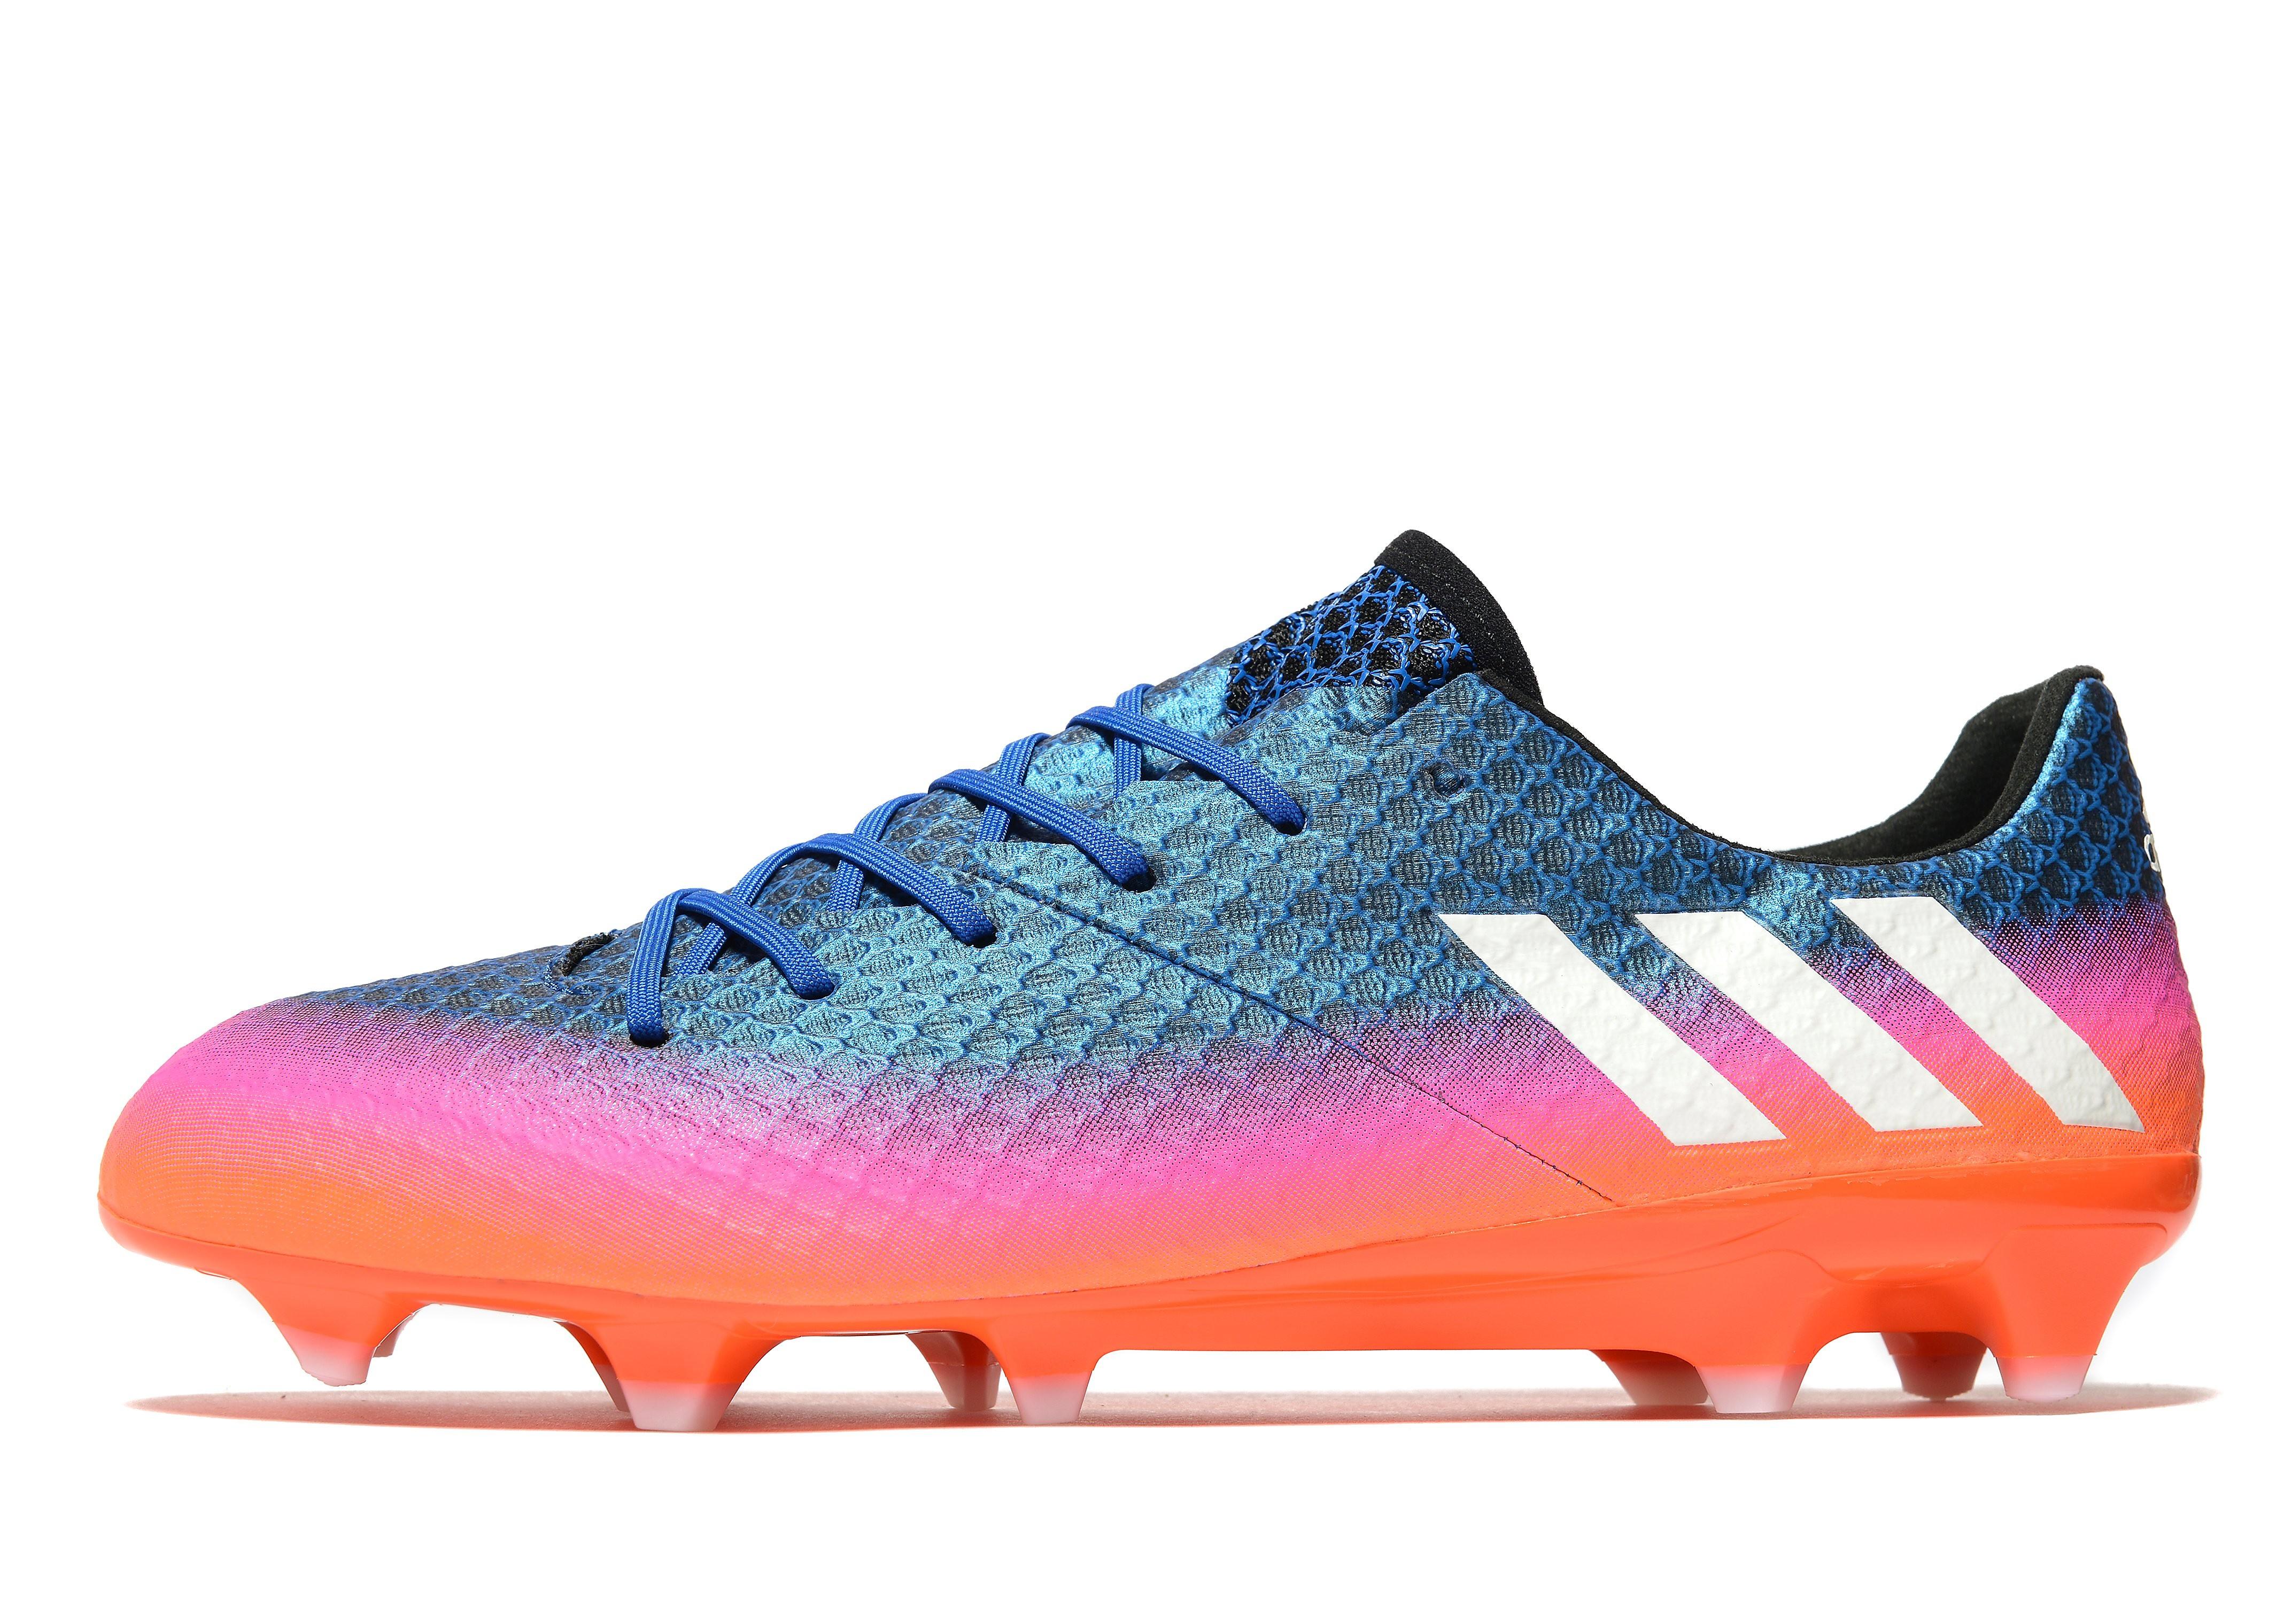 adidas Blue Blast Messi 16.1 FG